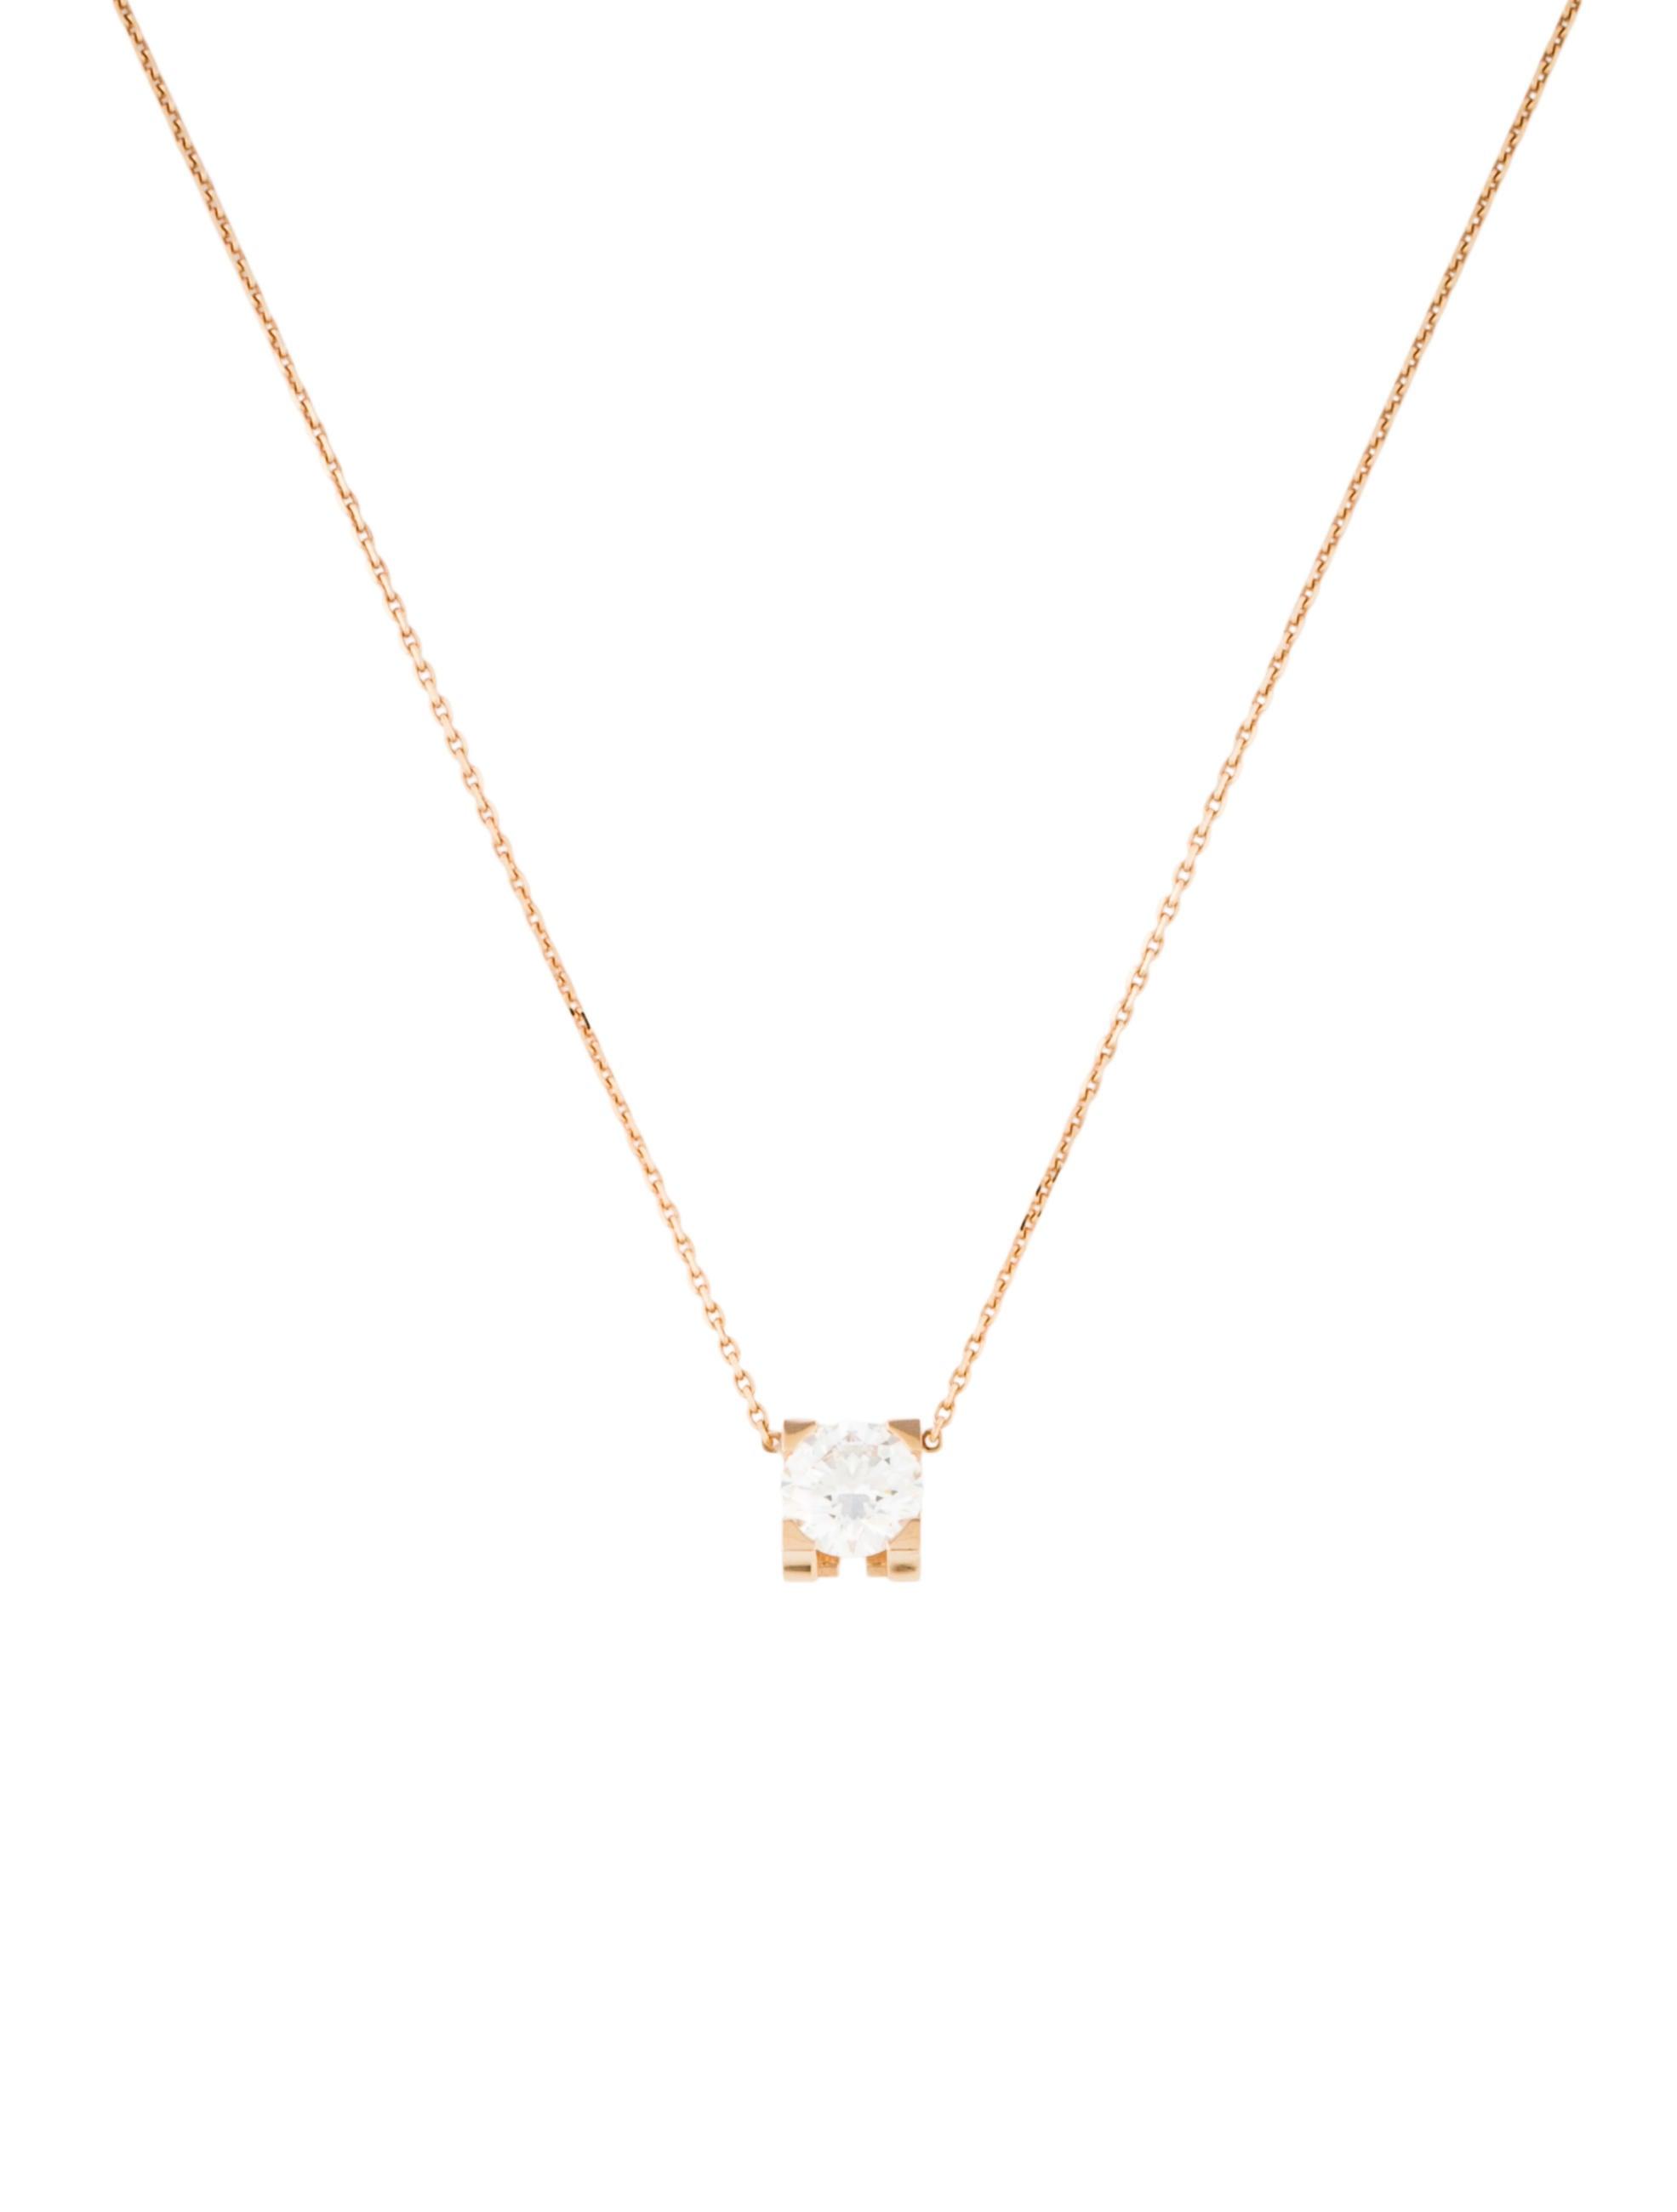 815ff3f2080079 Cartier C de Cartier Diamond Necklace - Necklaces - CRT29311 | The ...